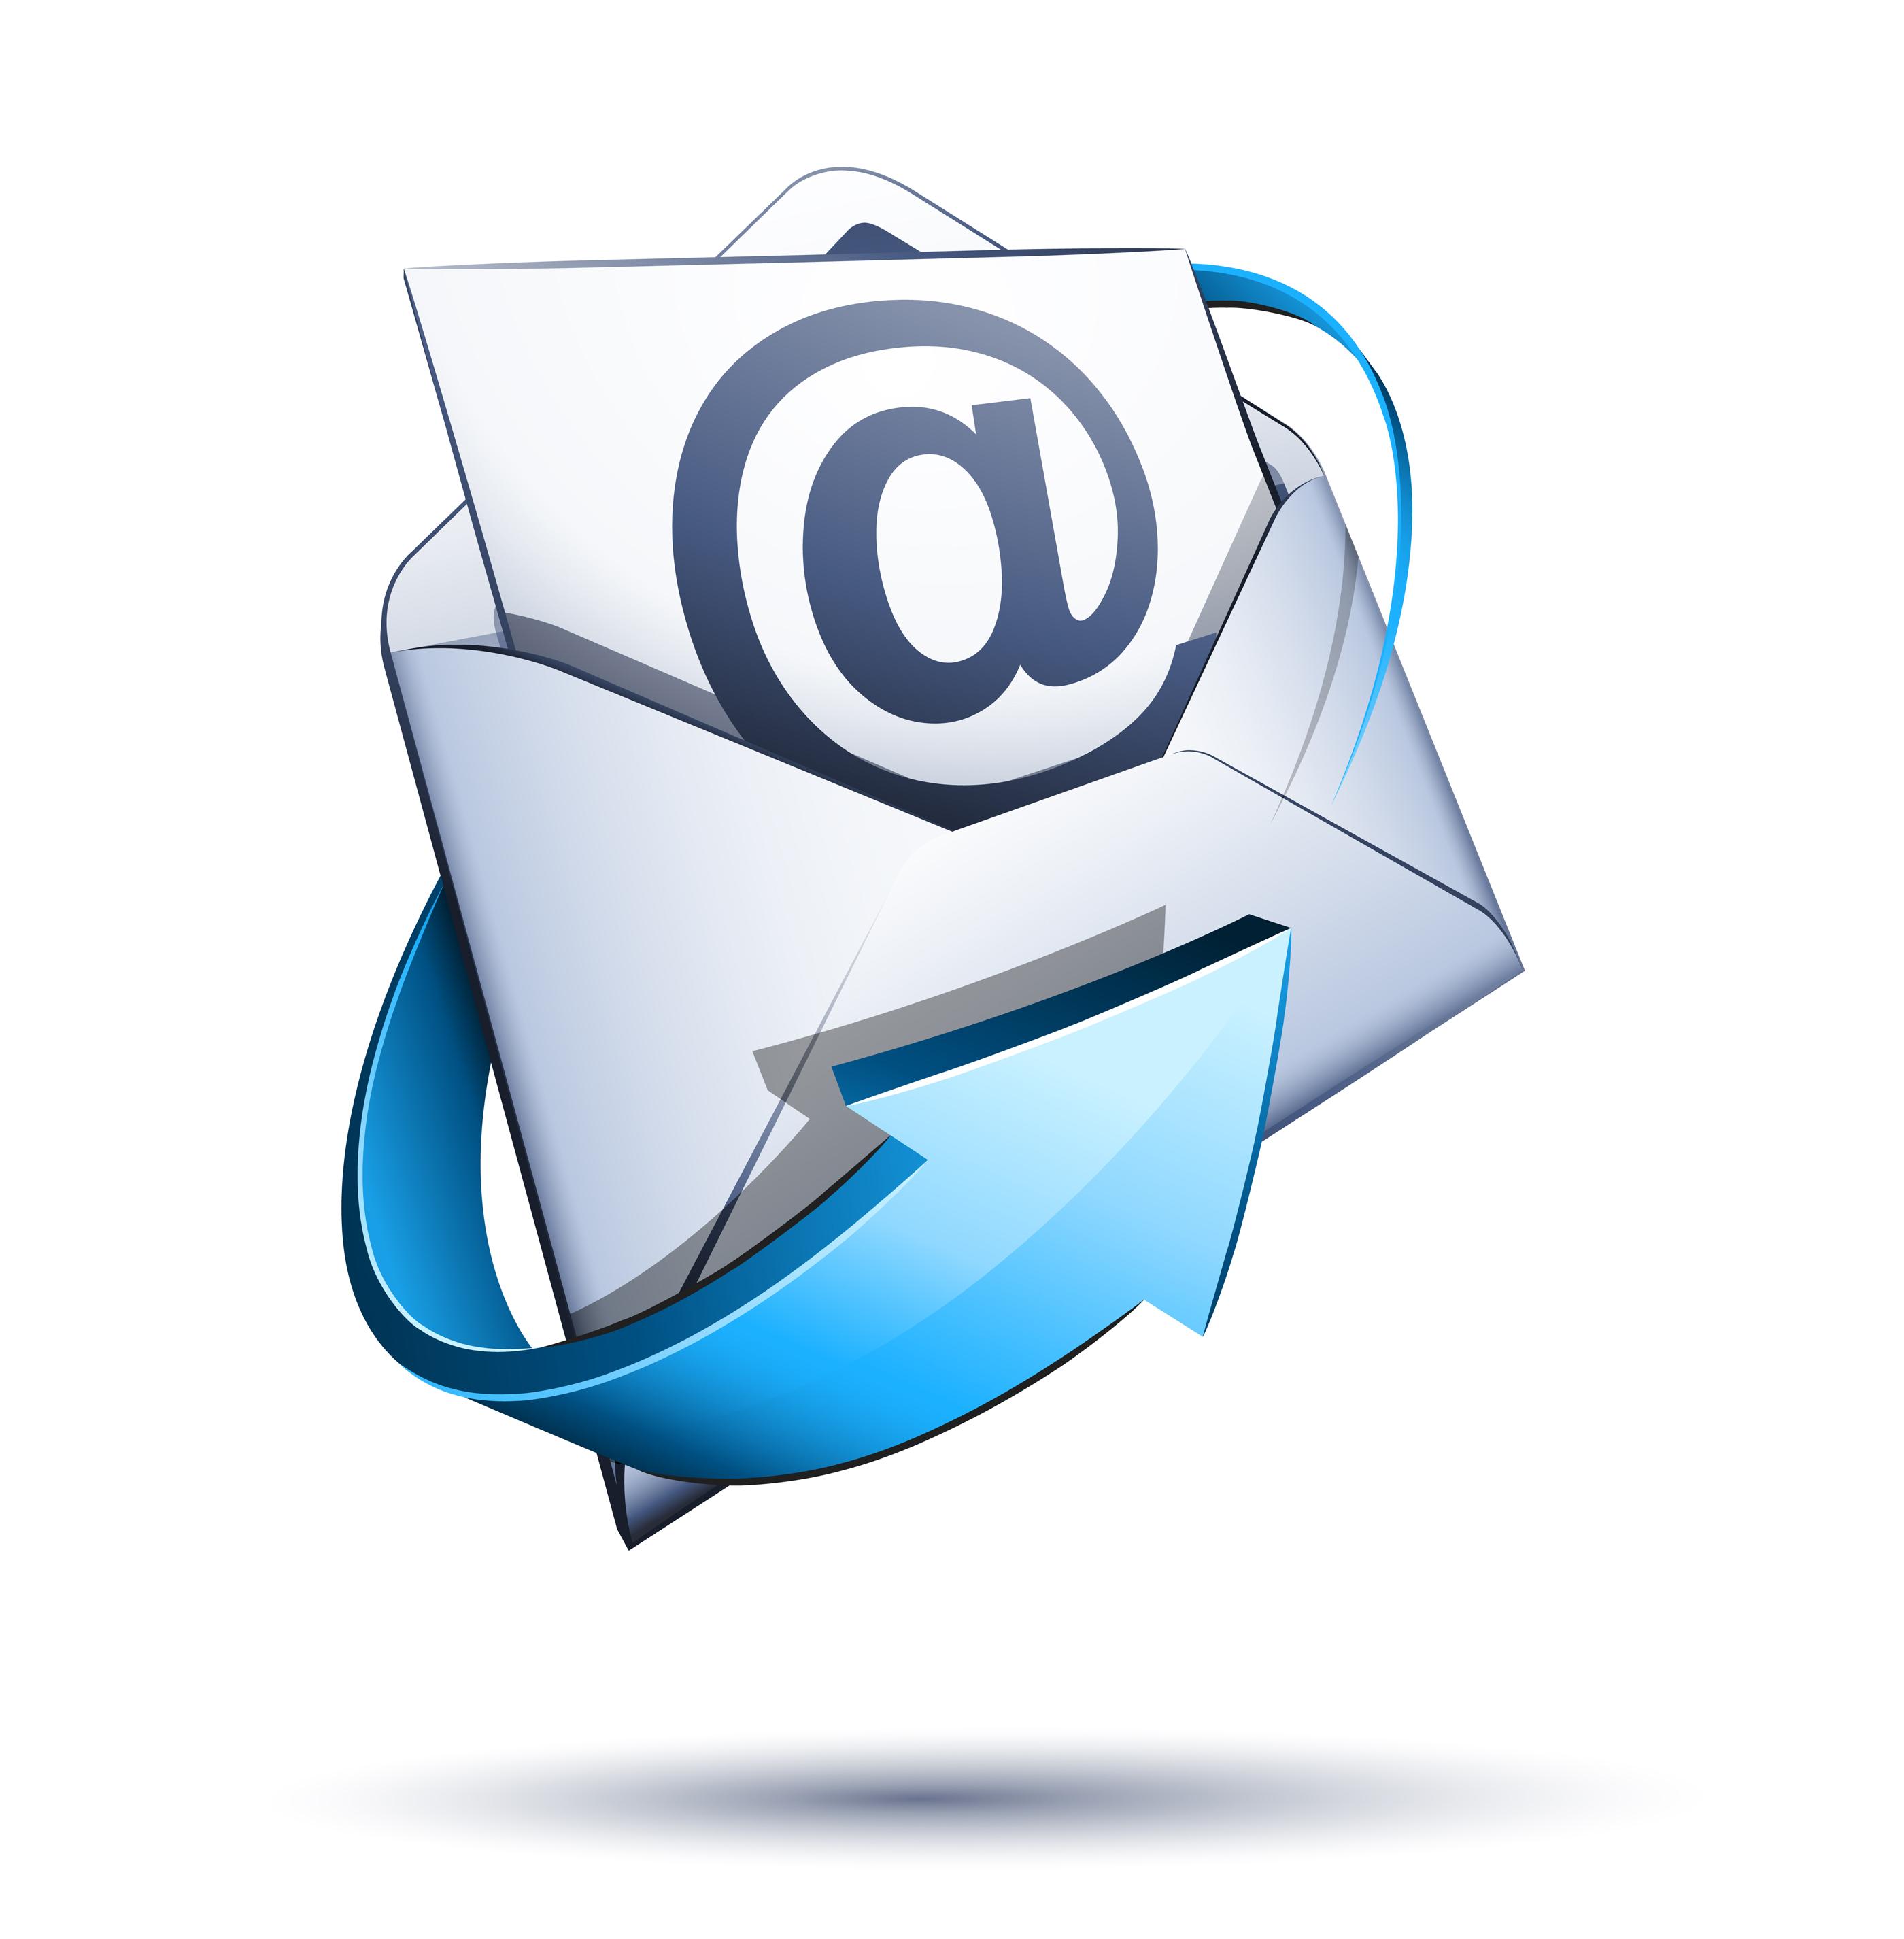 Le vostre lettere: Qualche idea e consiglio per la rinascita del Viale Cairoli